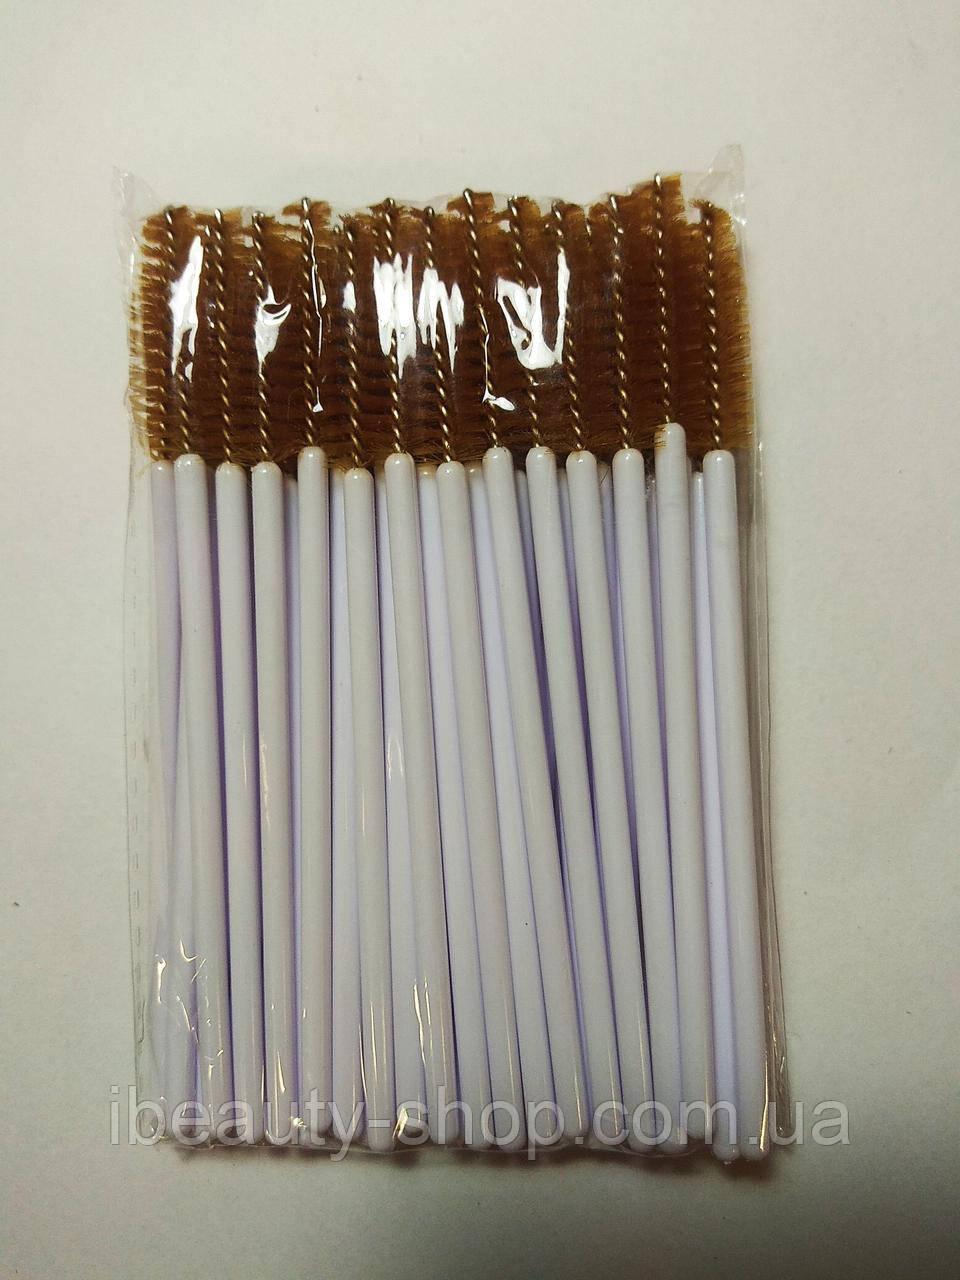 Щетка нейлоновая, белая+коричневая , для ресниц и бровей